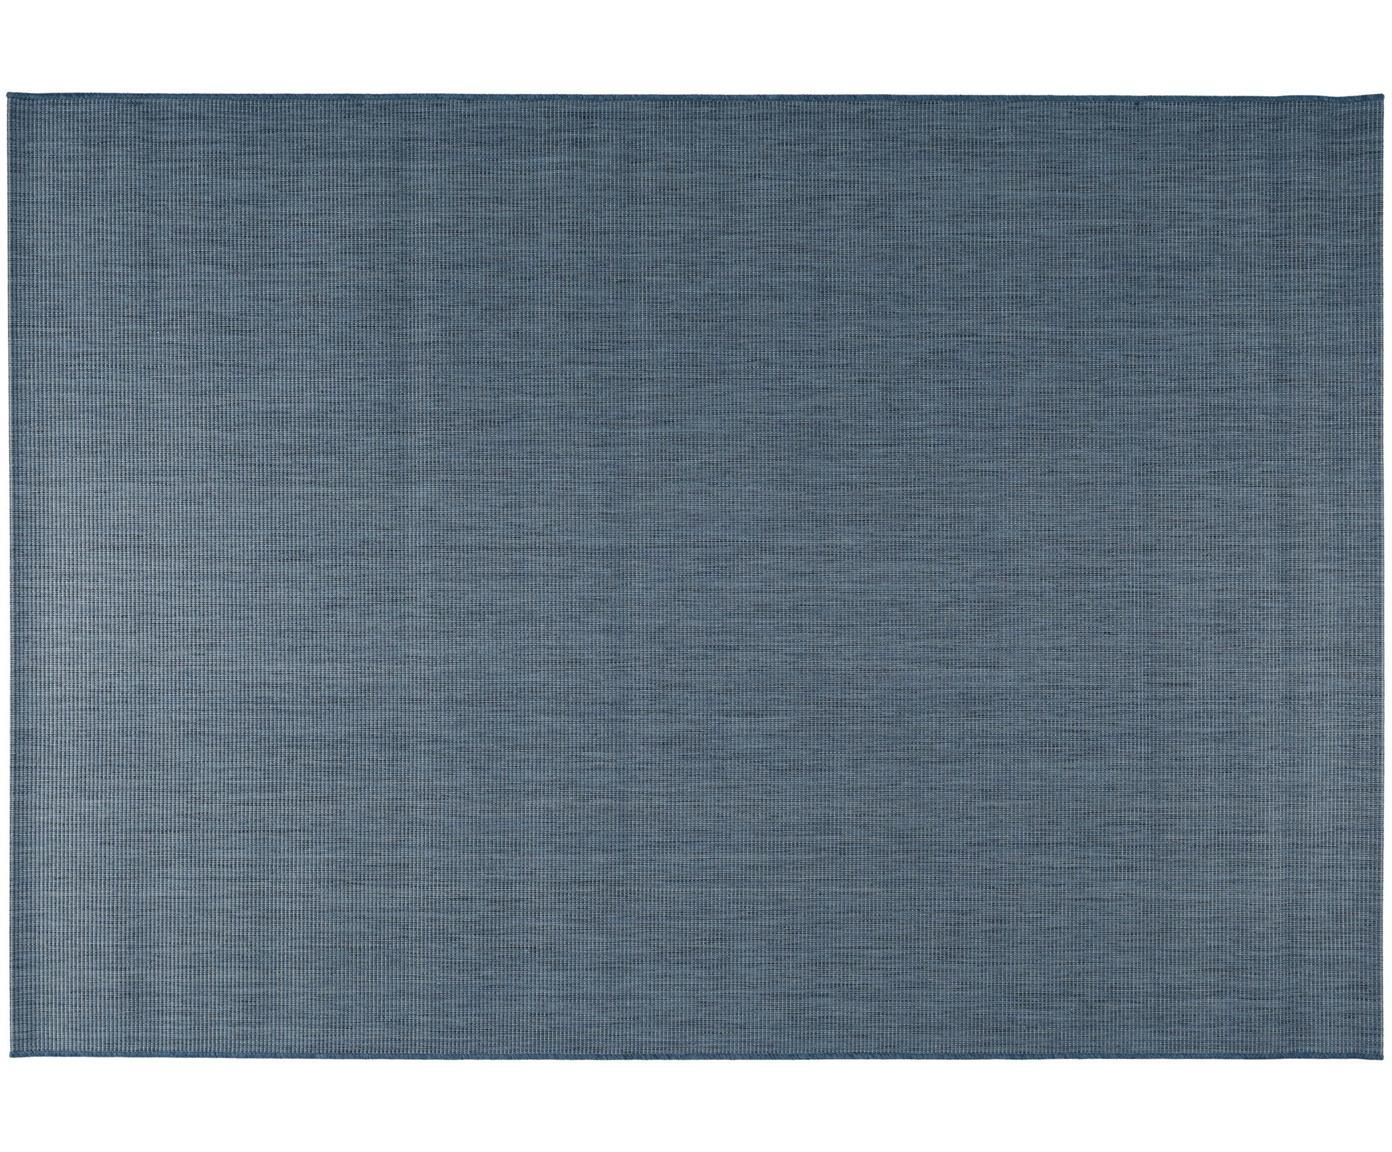 Dywan wewnętrzny/zewnętrzny Metro, Polipropylen, Niebieski, S 120 x D 170 cm (Rozmiar S)